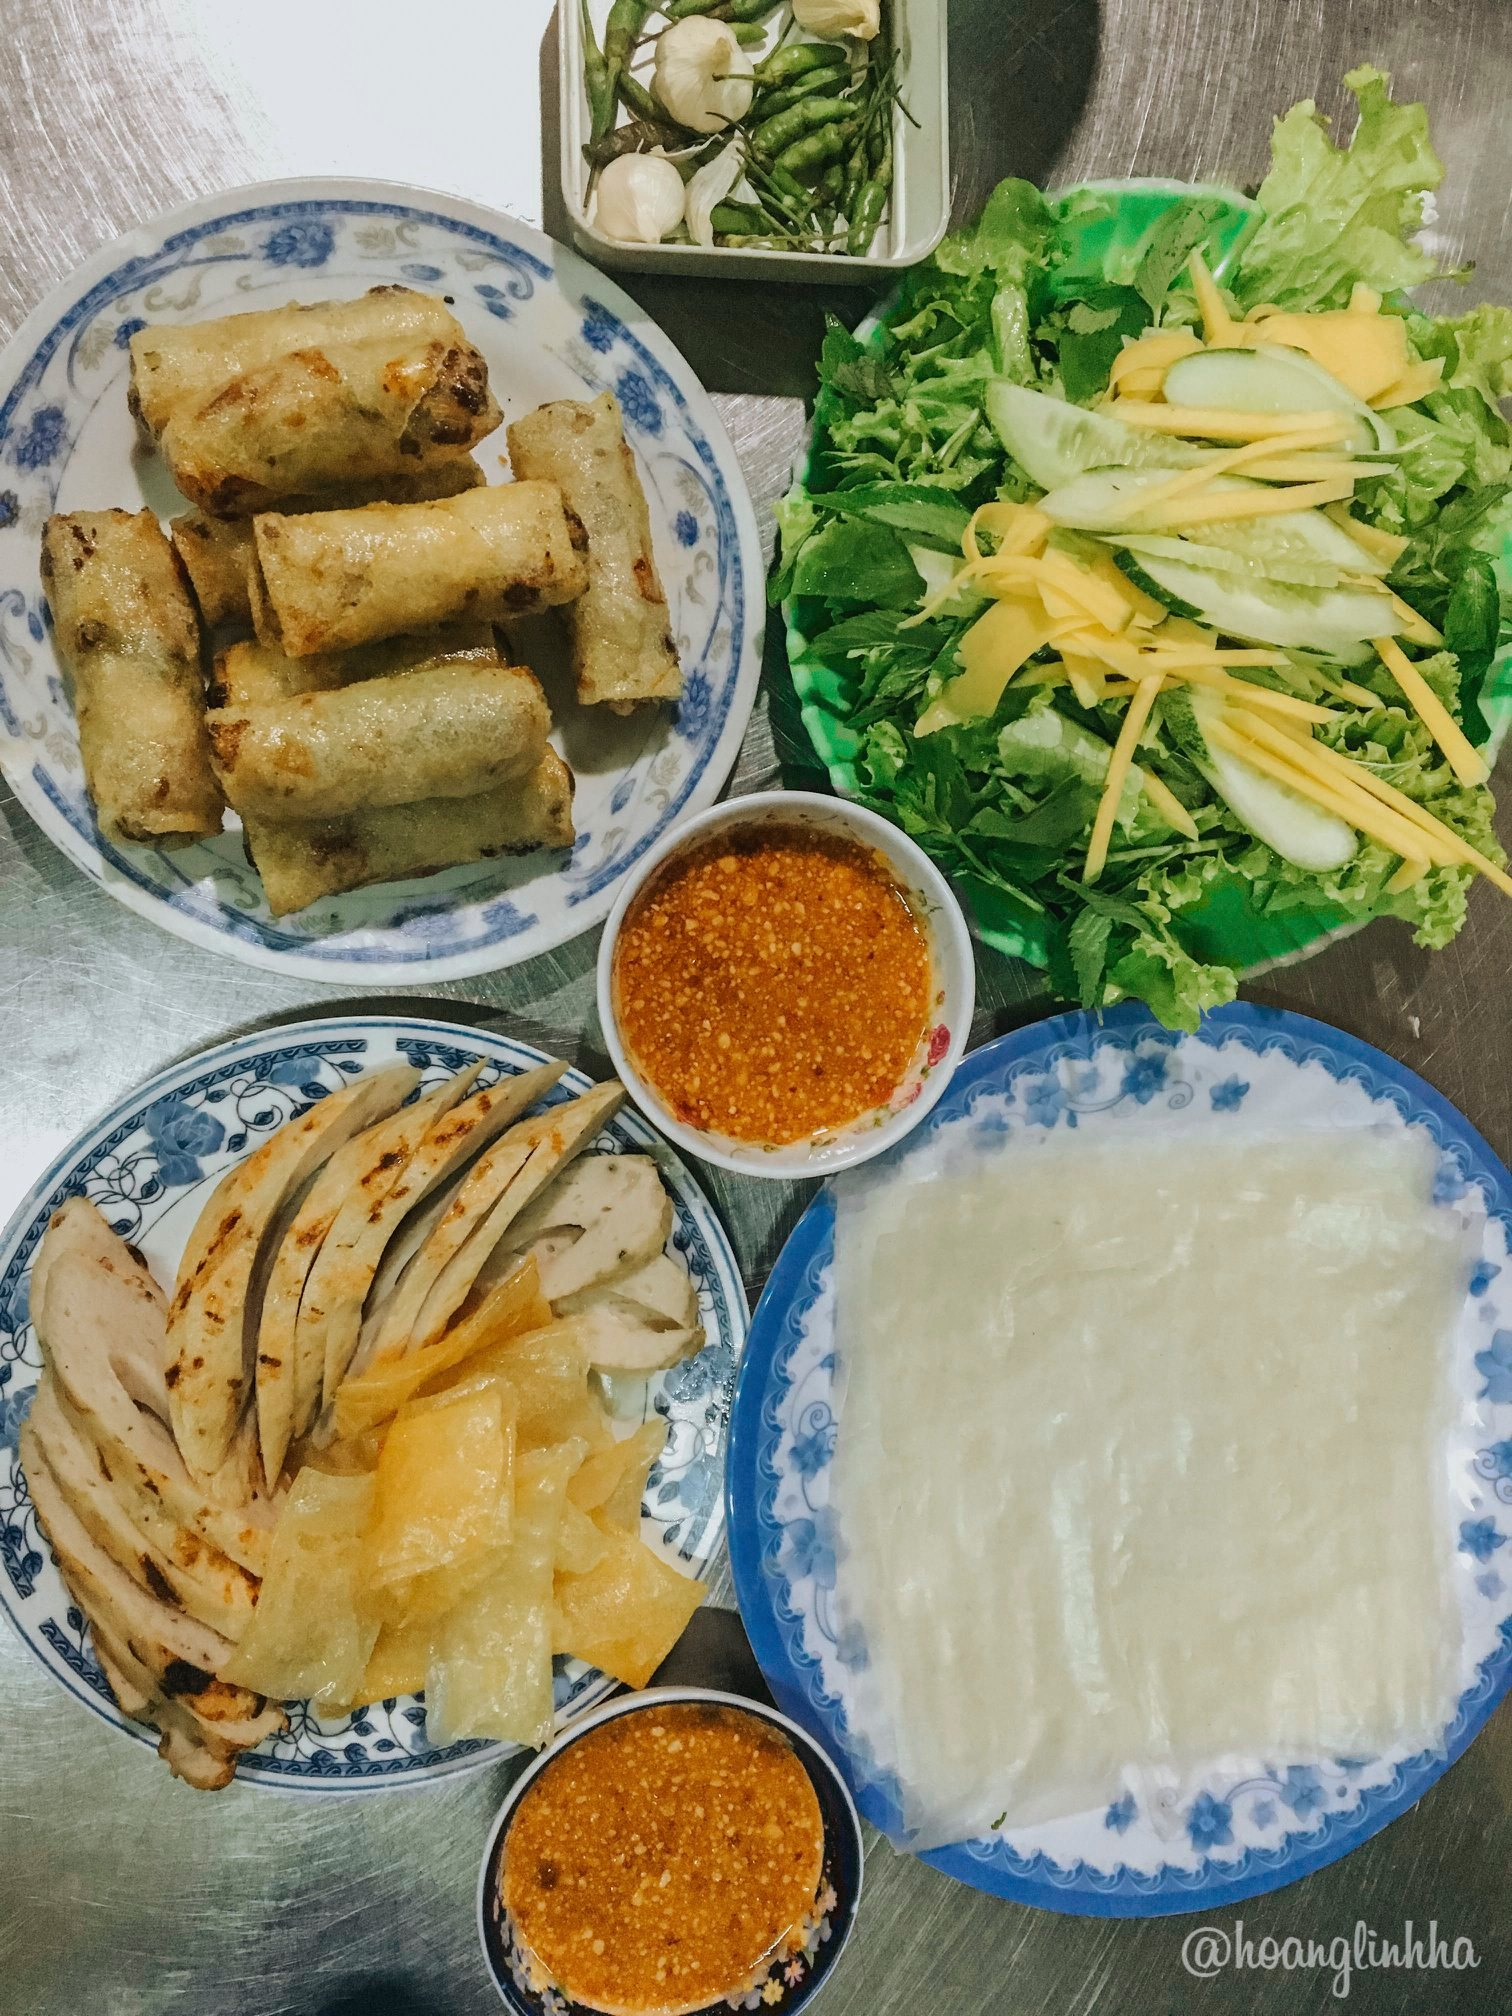 Phú Yên cũng là nơi có vô số món ăn đặc sản hấp dẫn. Hình: Hoàng Linh Hà